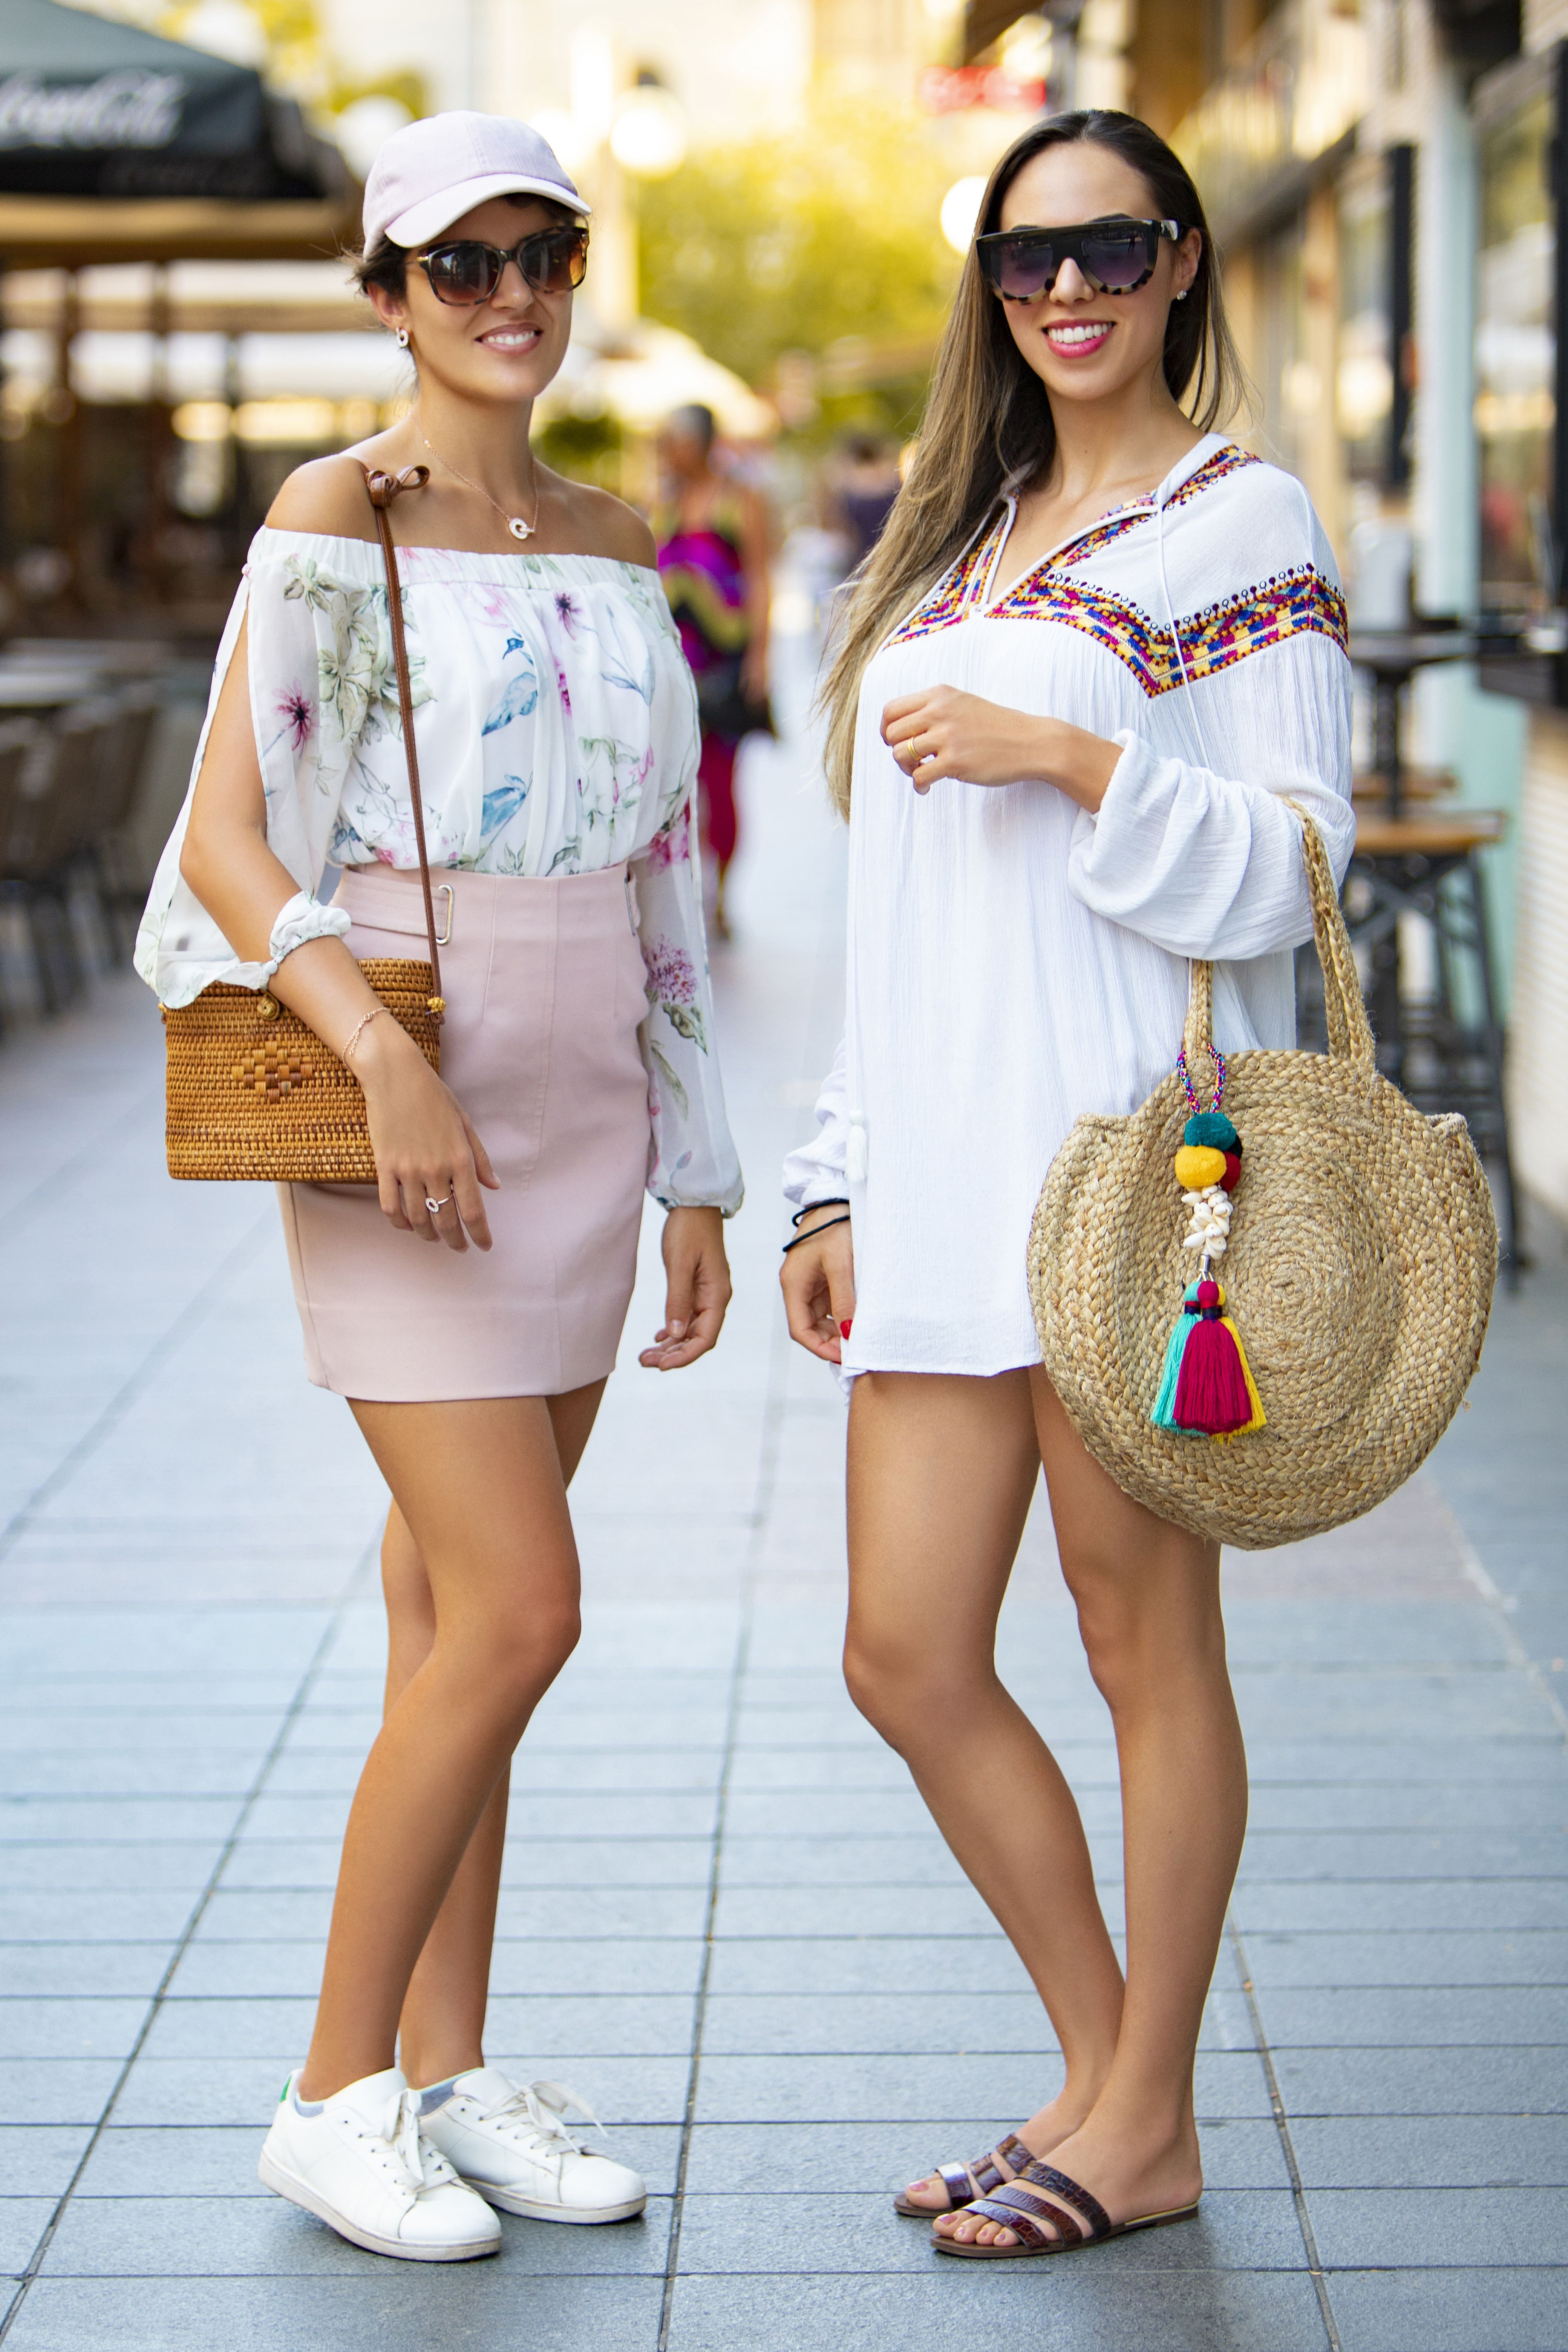 Stjuardese iz Brazila uživaju u Zagrebu, a njihovi stylinzi vrište - ljeto!